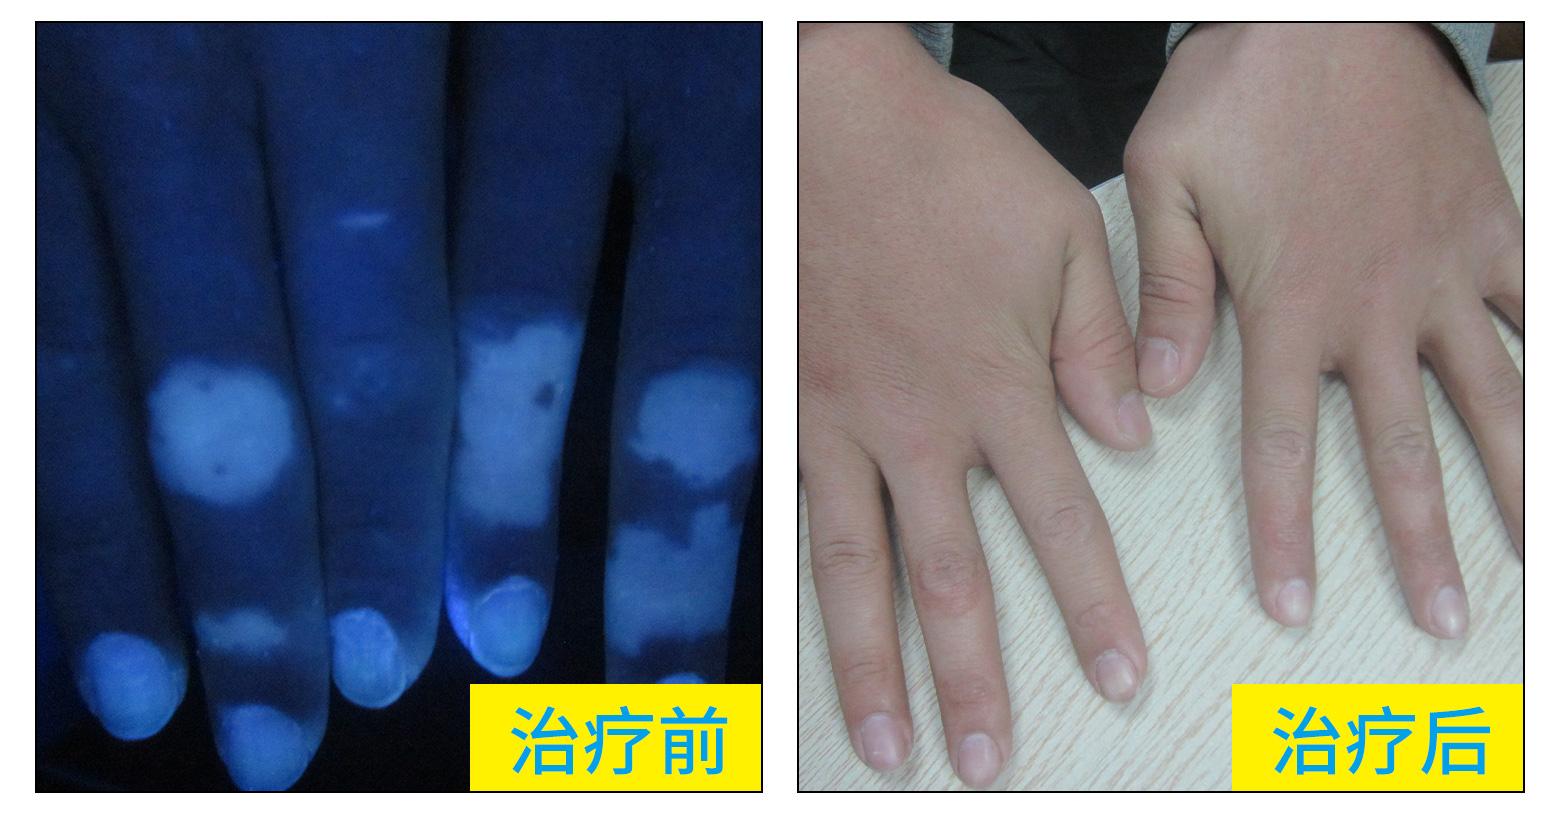 右手手指关节出现白斑图片